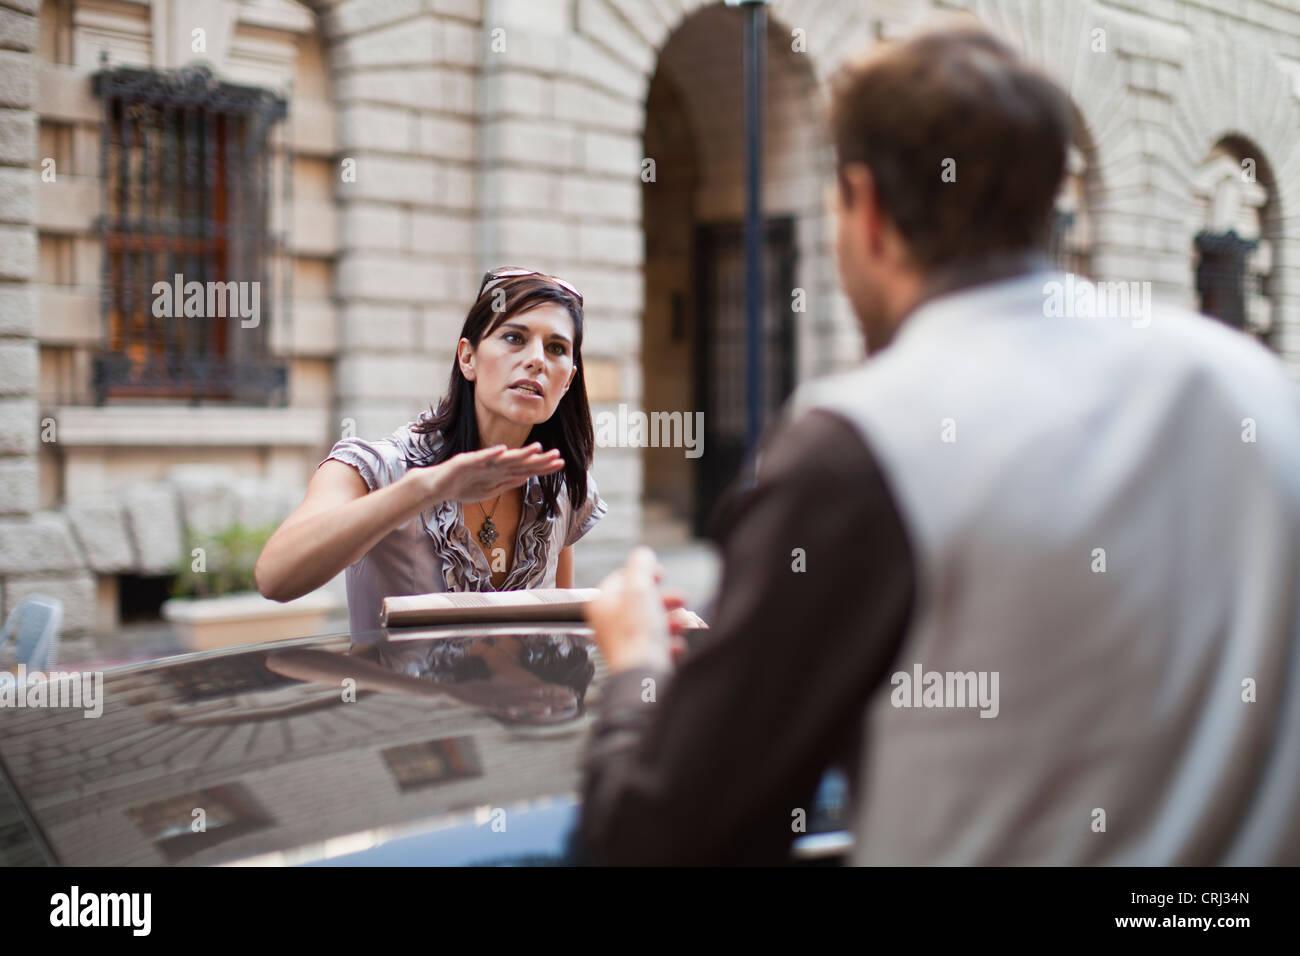 Pareja discutir sobre sports car Imagen De Stock